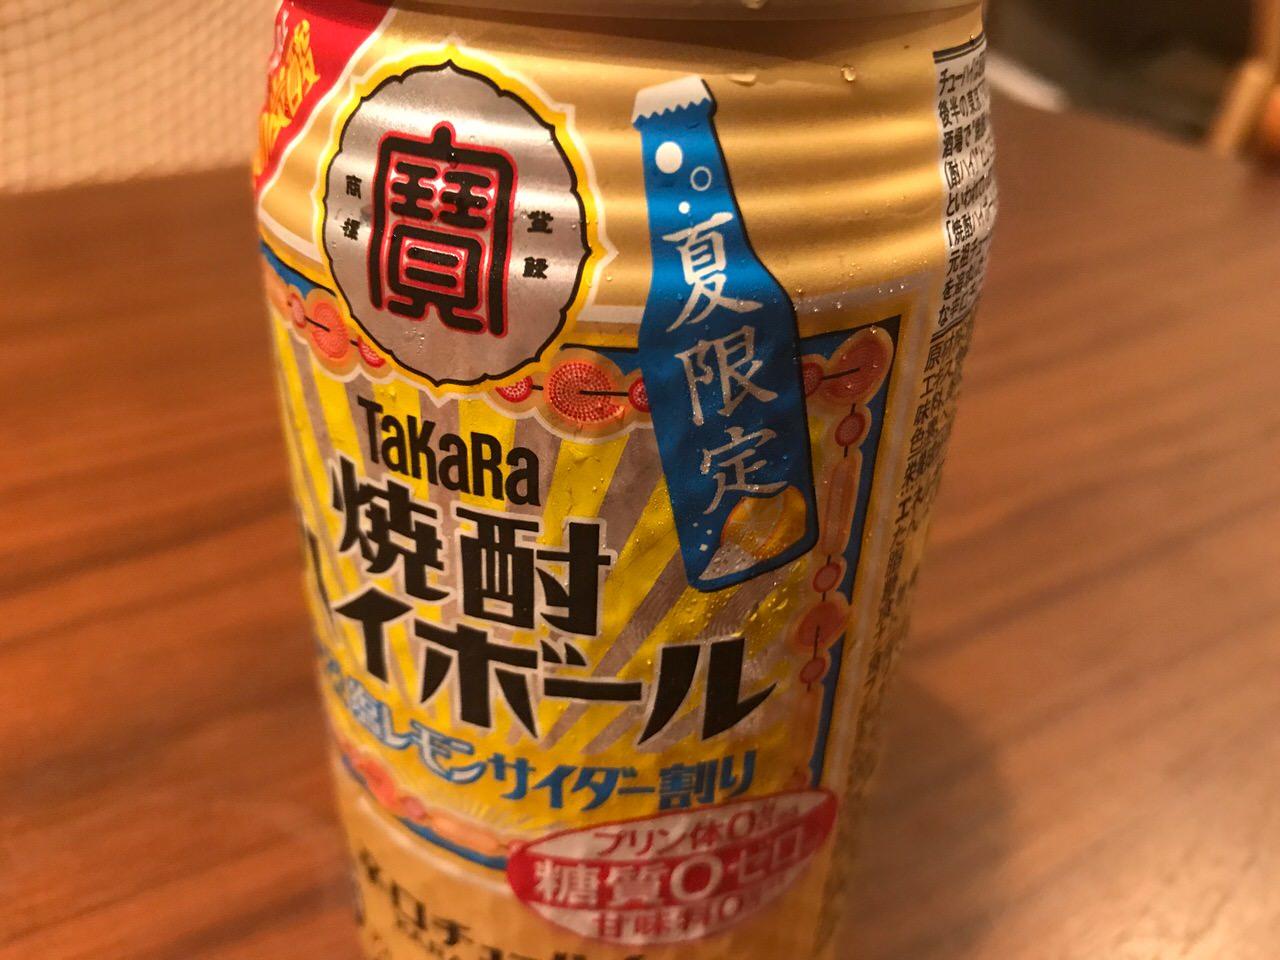 Takara 3158